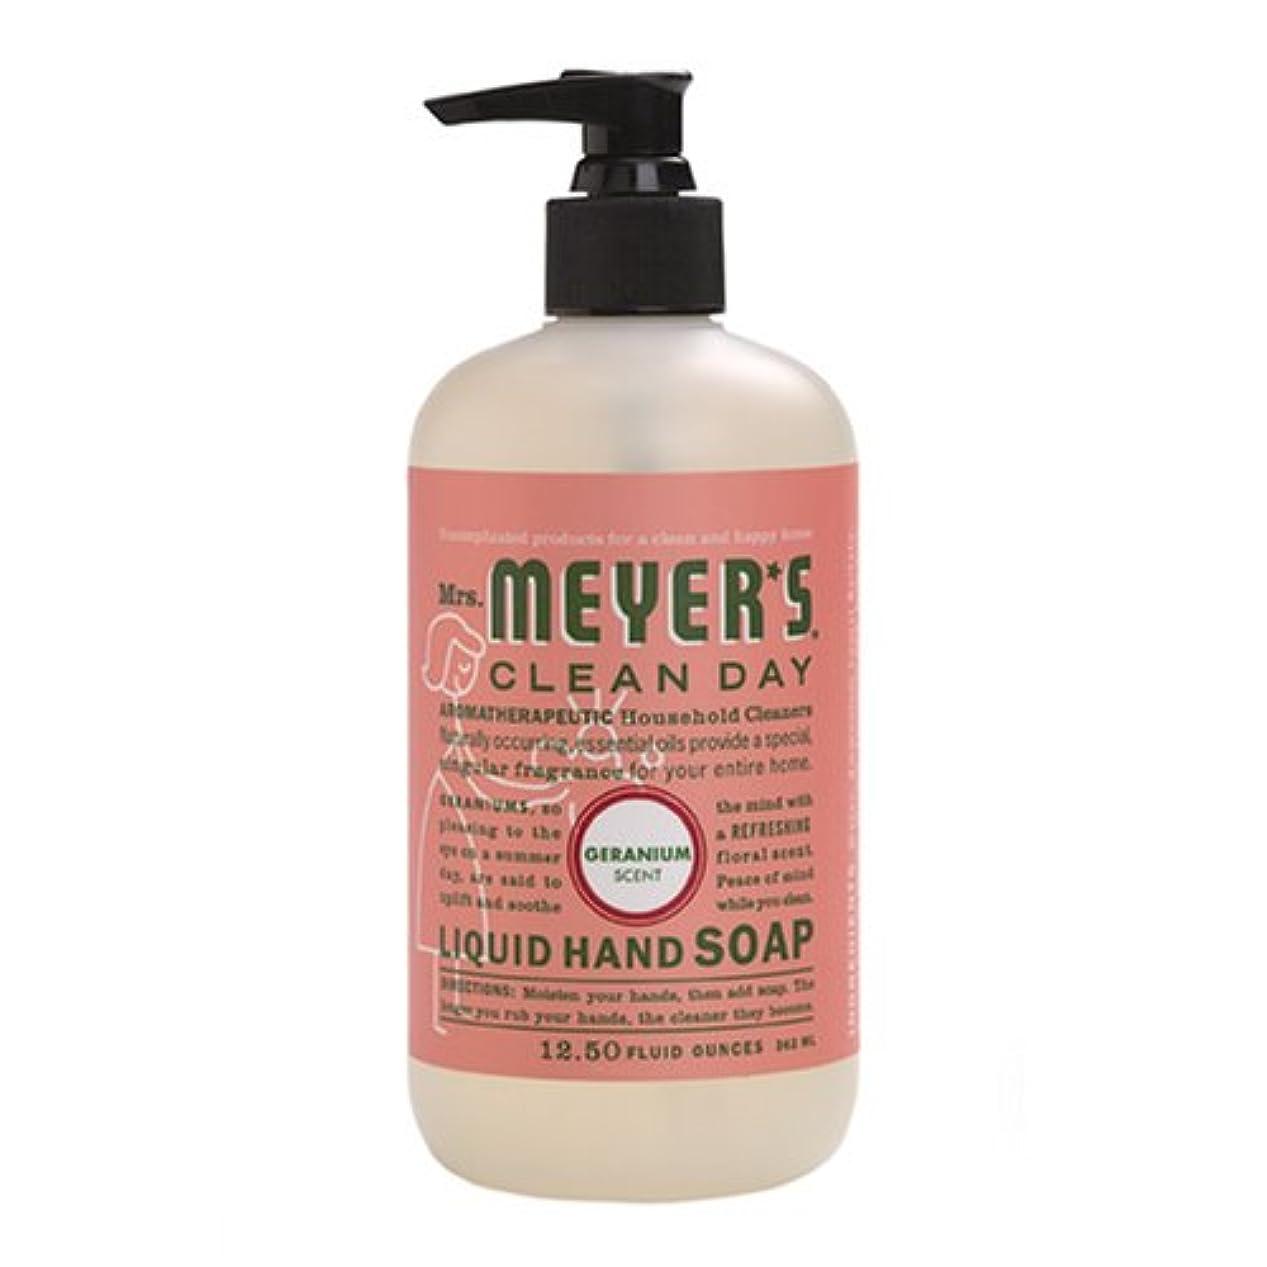 家庭ペニー暖かさMrs. Meyers Clean Day, Liquid Hand Soap, Geranium Scent, 12.5 fl oz (370 ml)